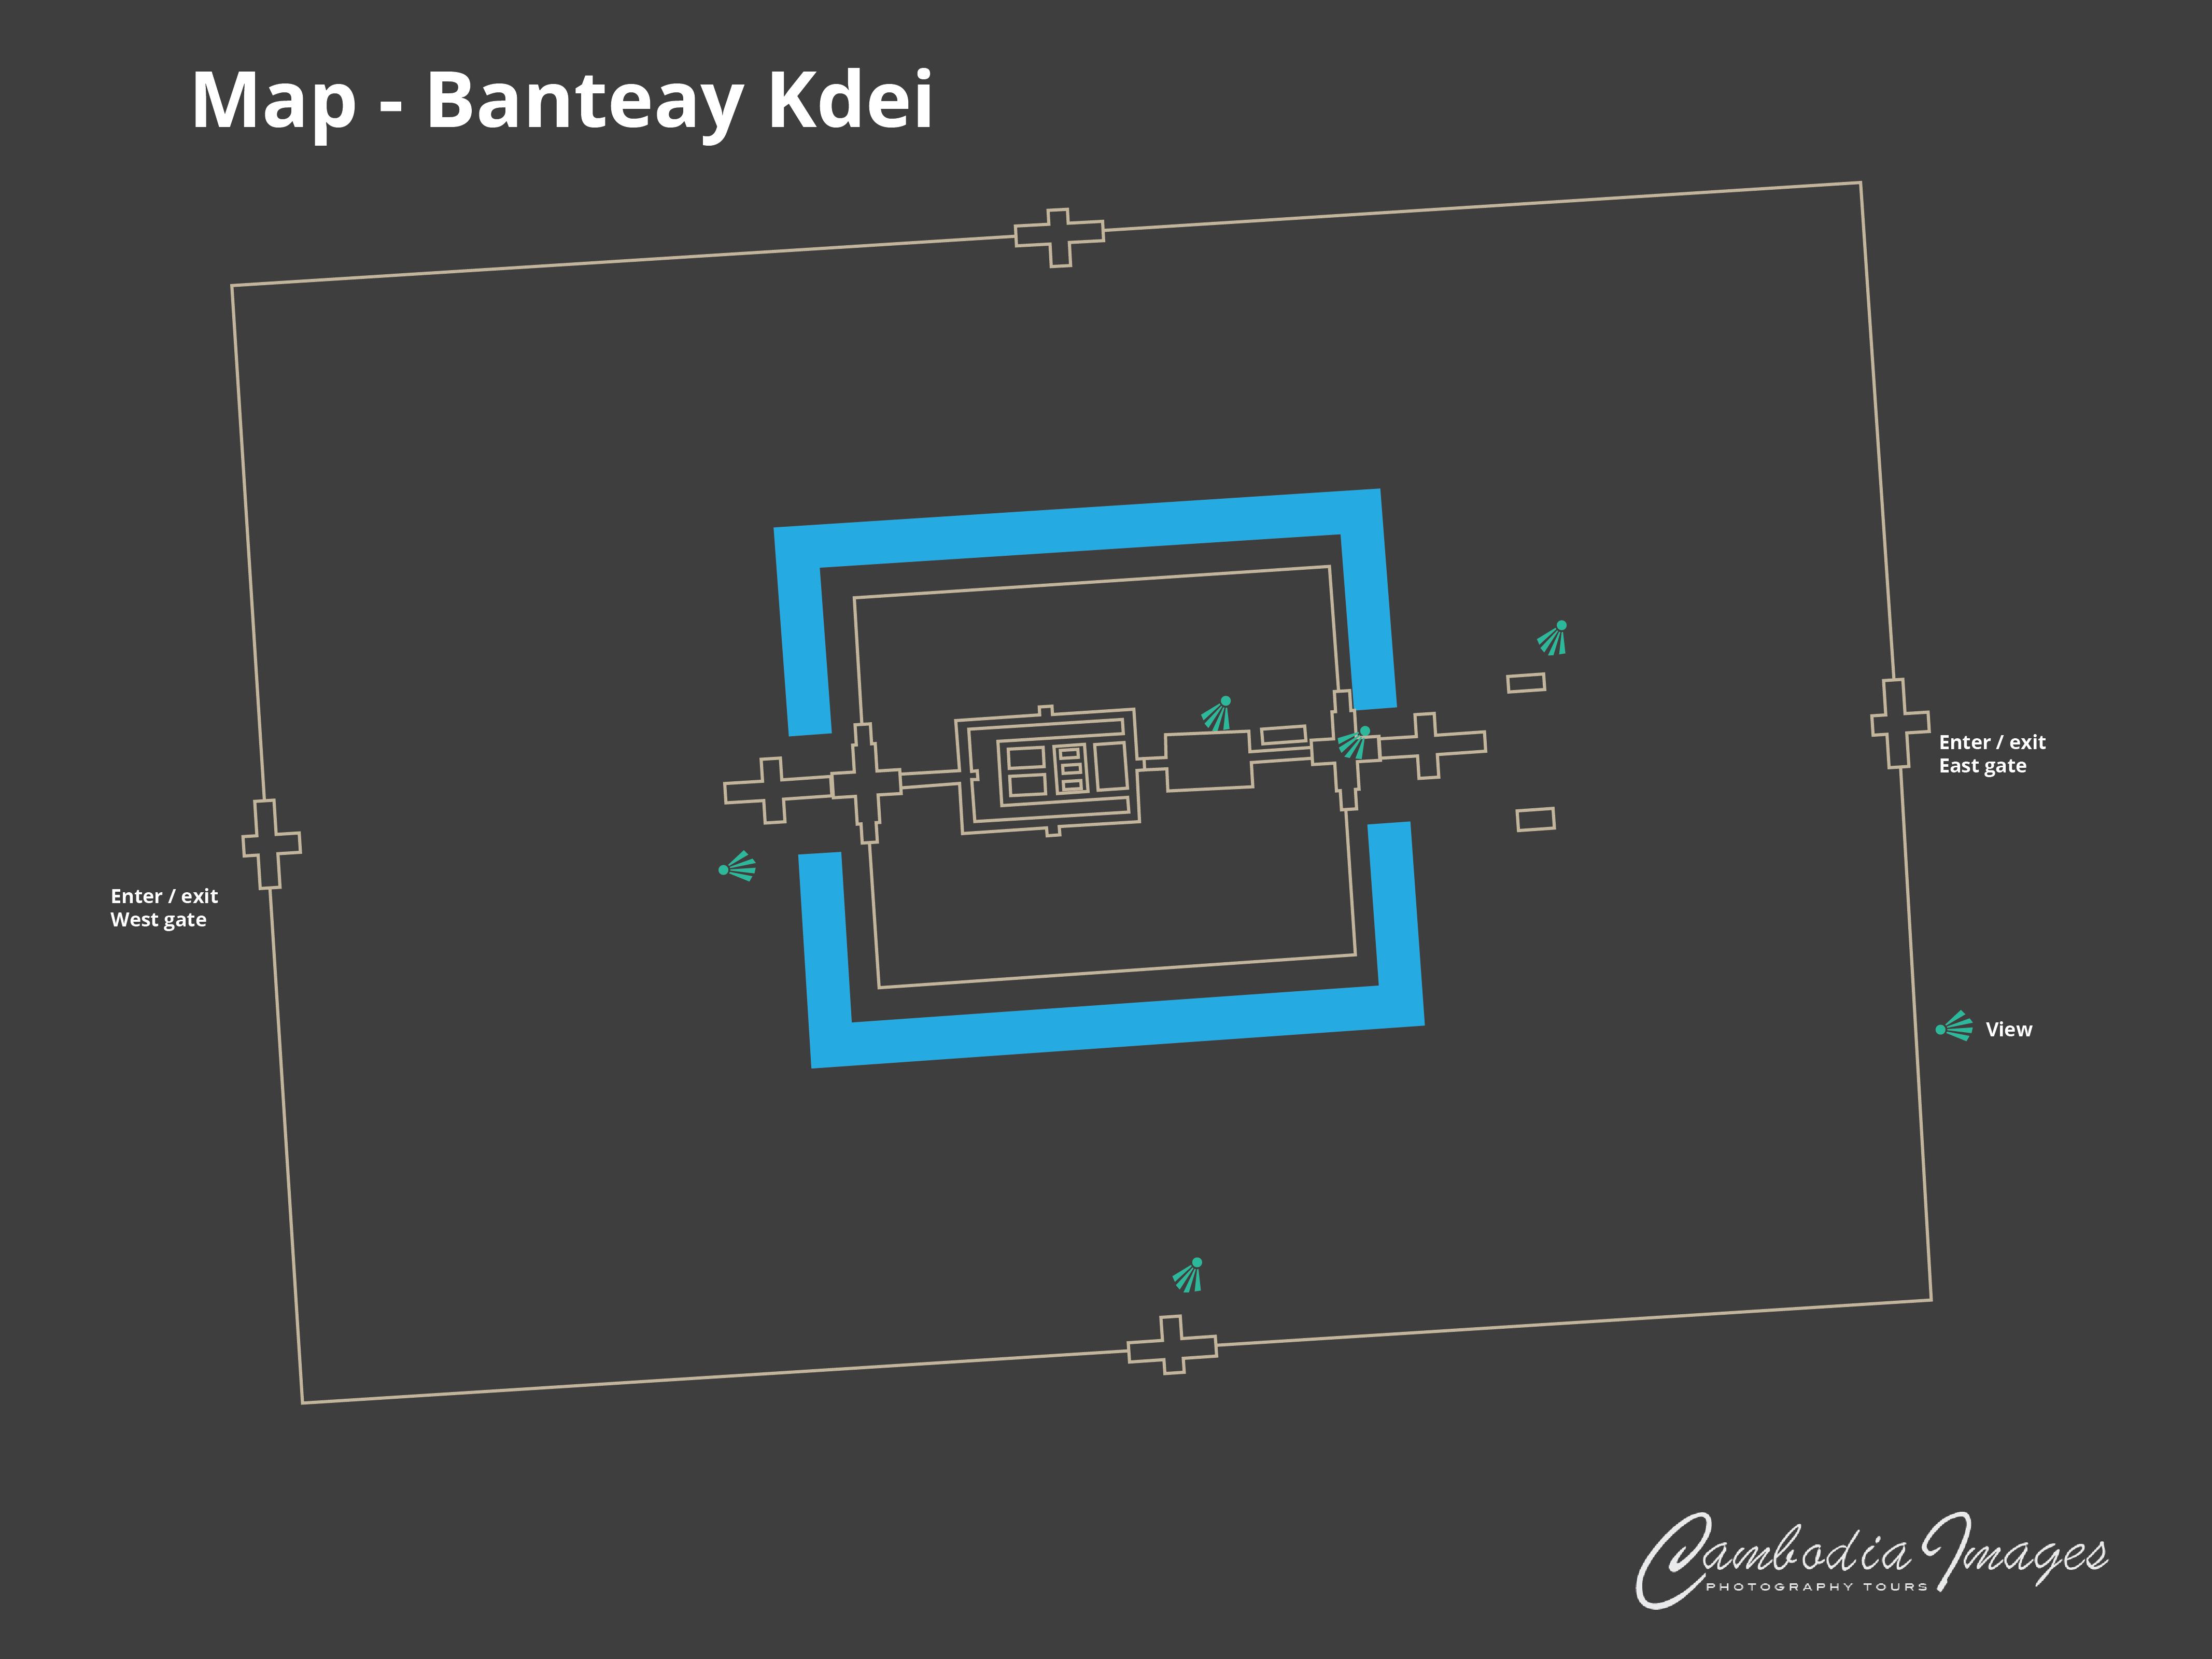 Banteay Kdei map 2